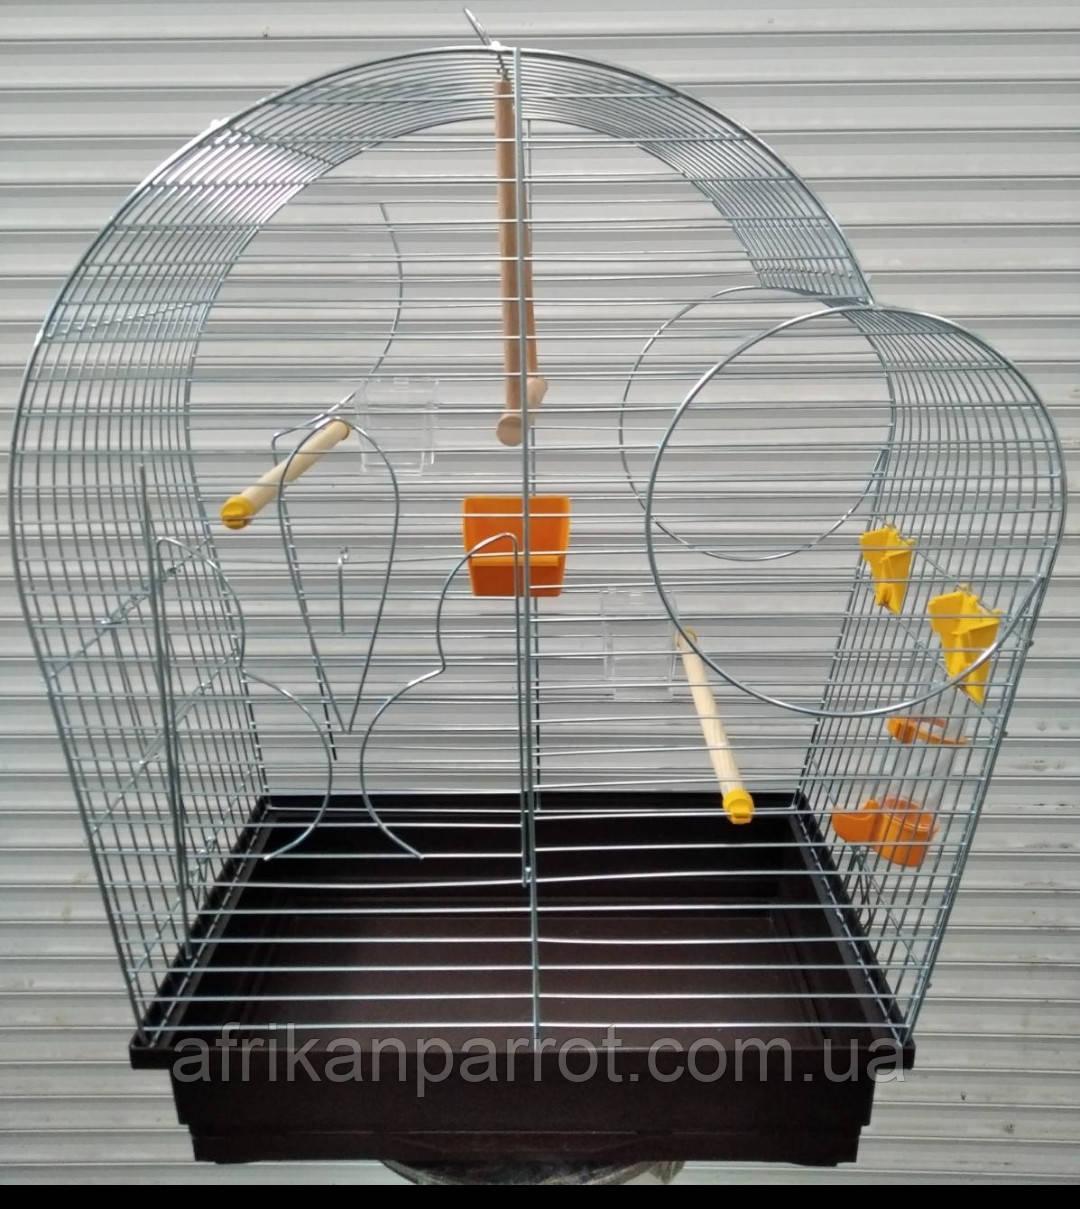 Клетка для попугая цинк Патриот 56х31х69